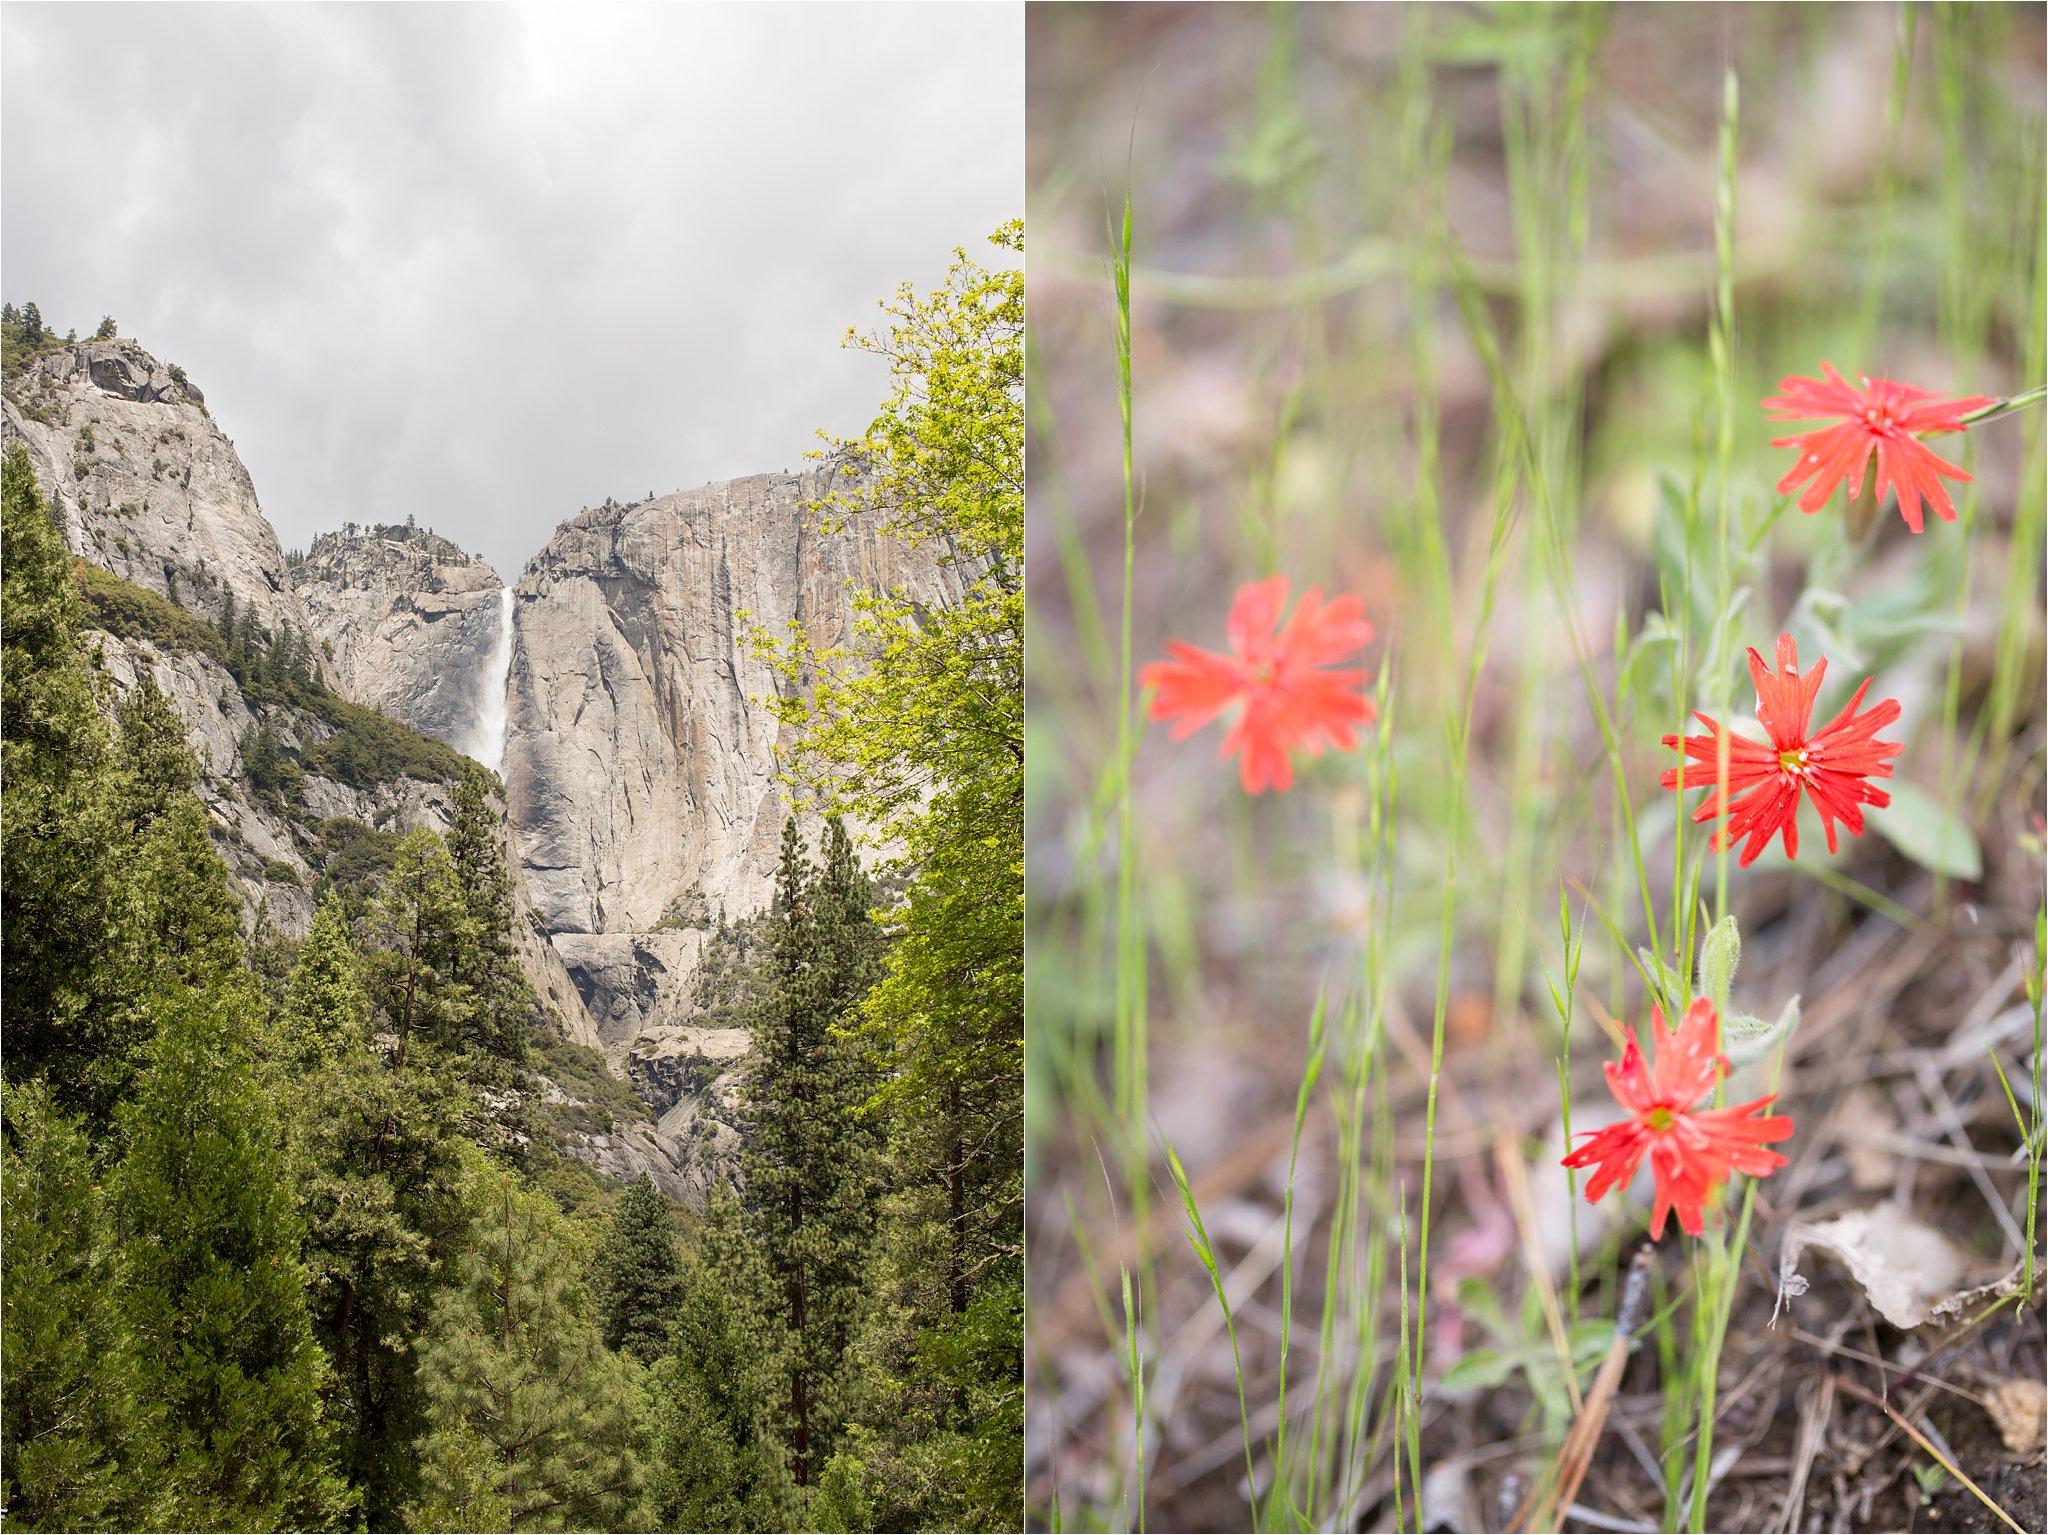 Yosemite Waterfall and Wildflowers